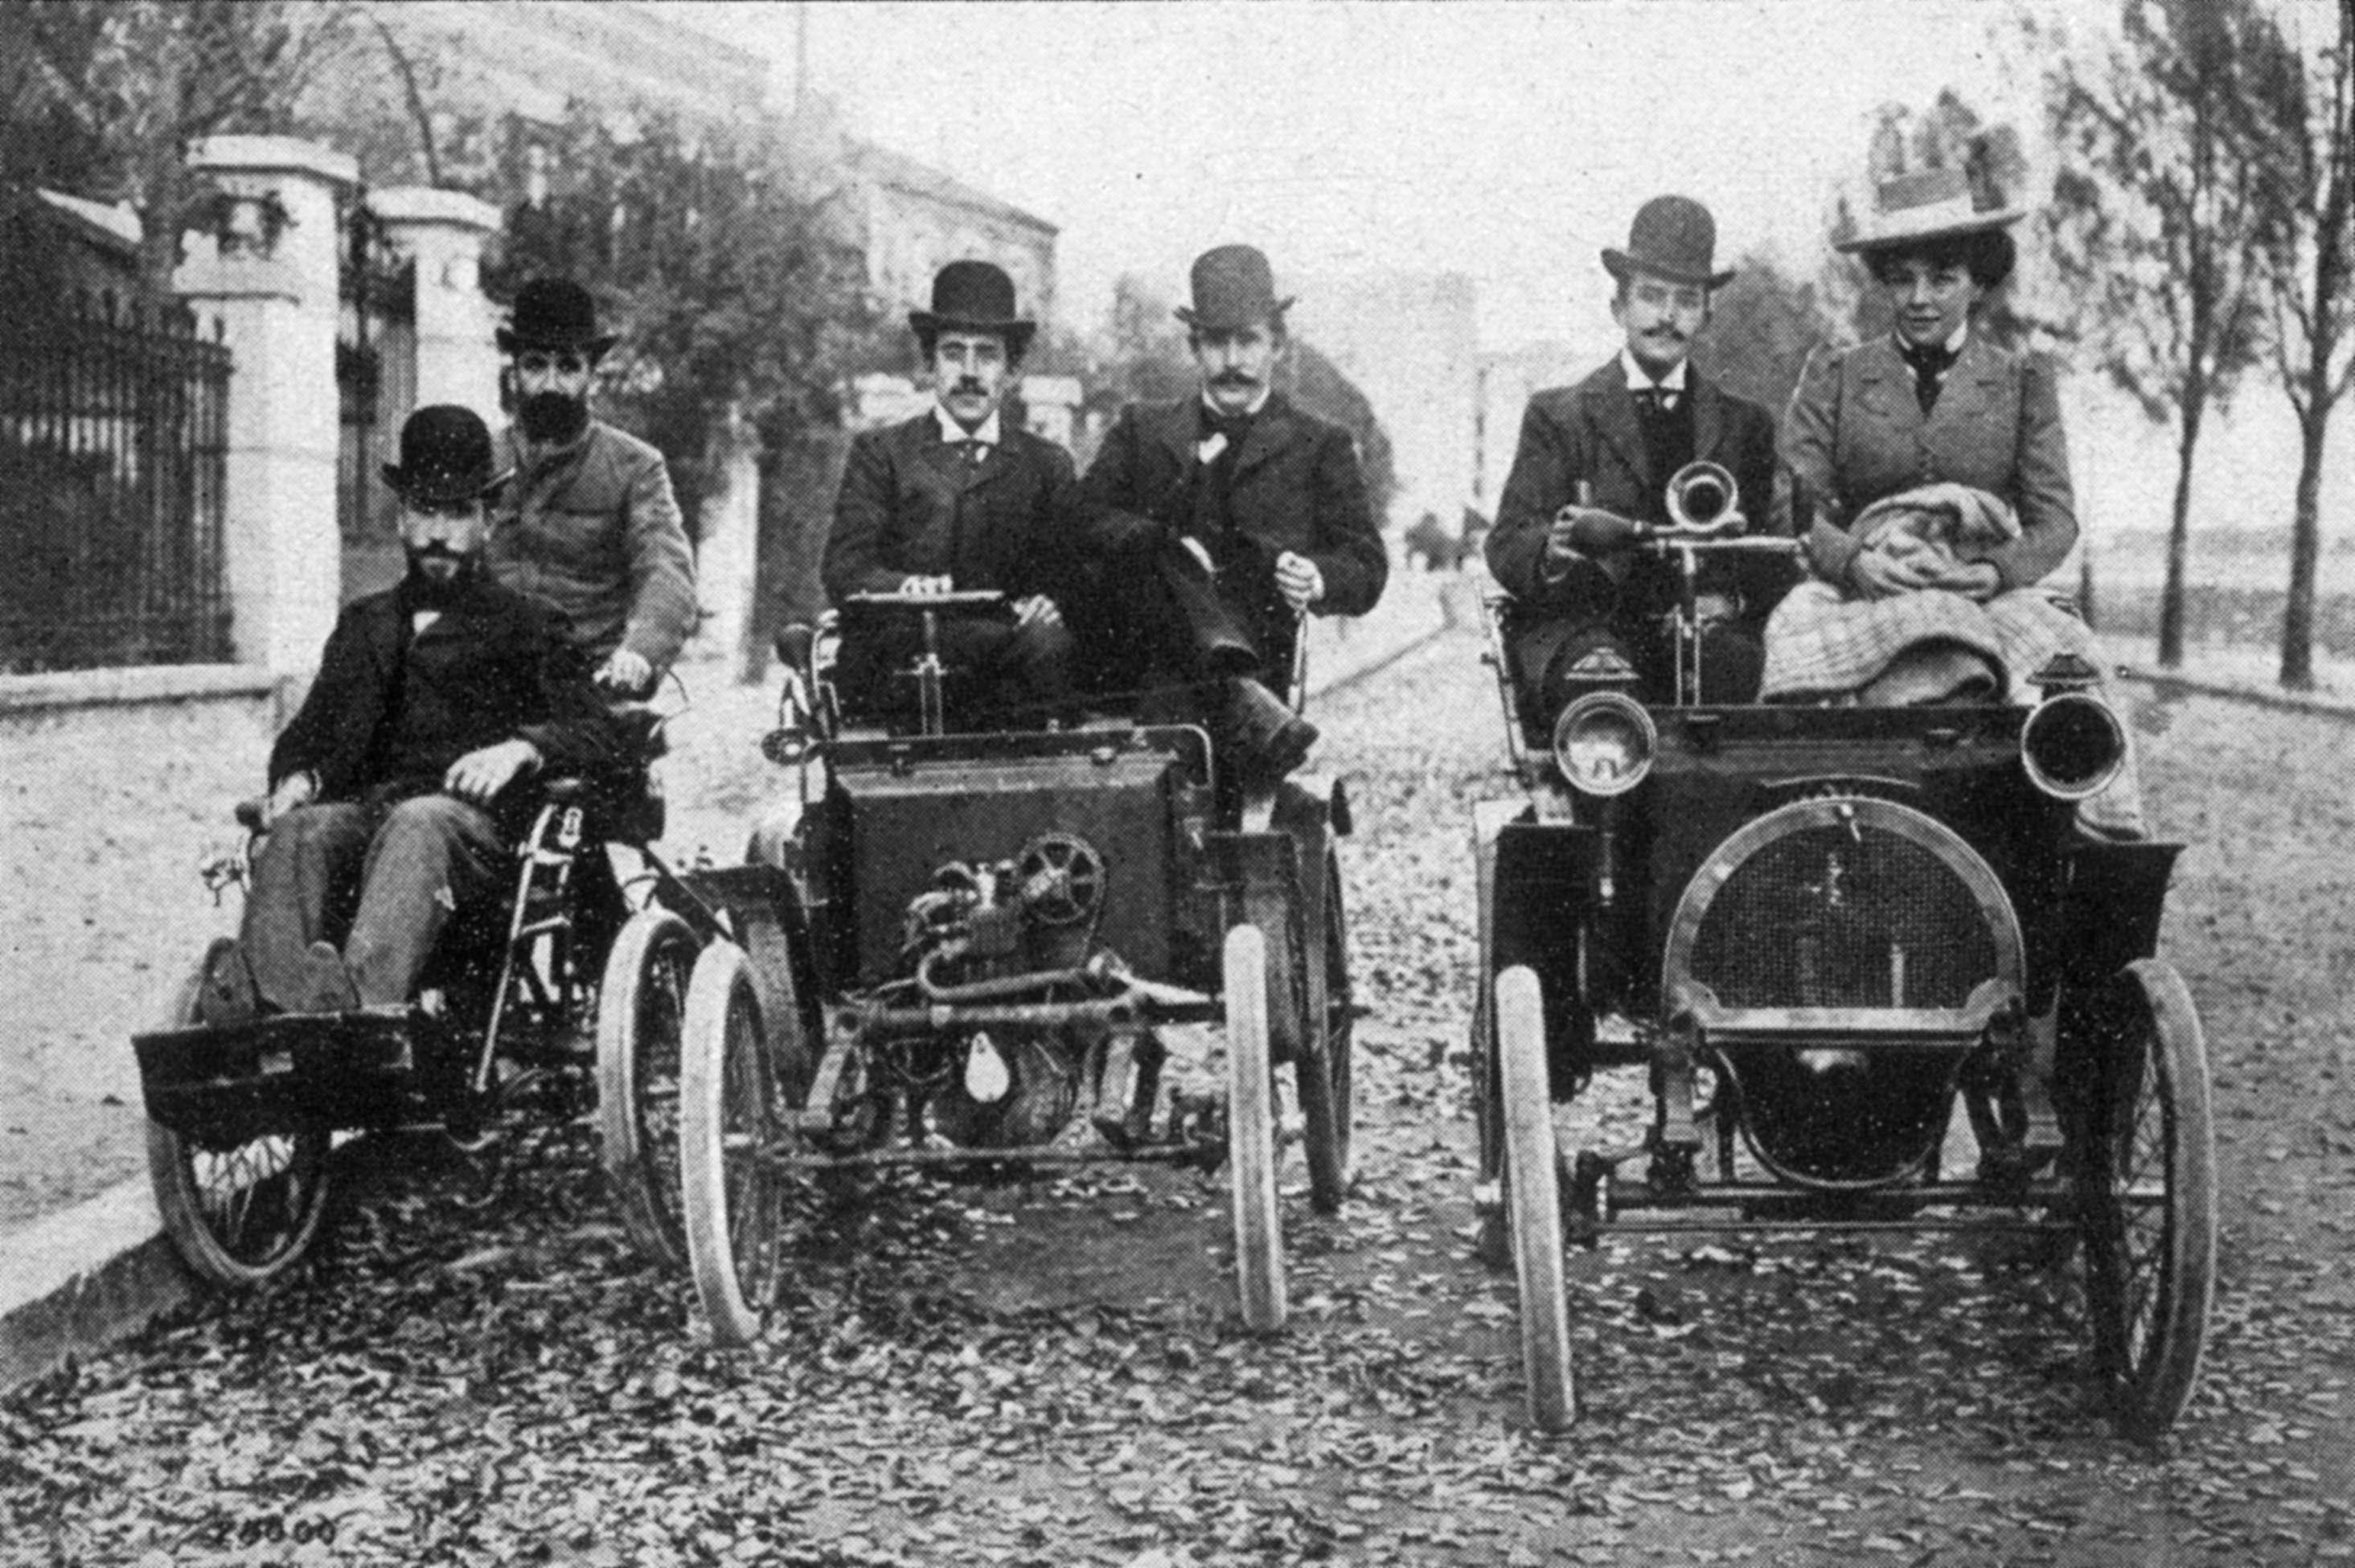 Louis Renault, ao centro, segura o volante do Voiturette, carro que ele criou e que deu origem a uma das maiores montadoras do mundo Foto: Hulton Archive/Stringer/Getty Images